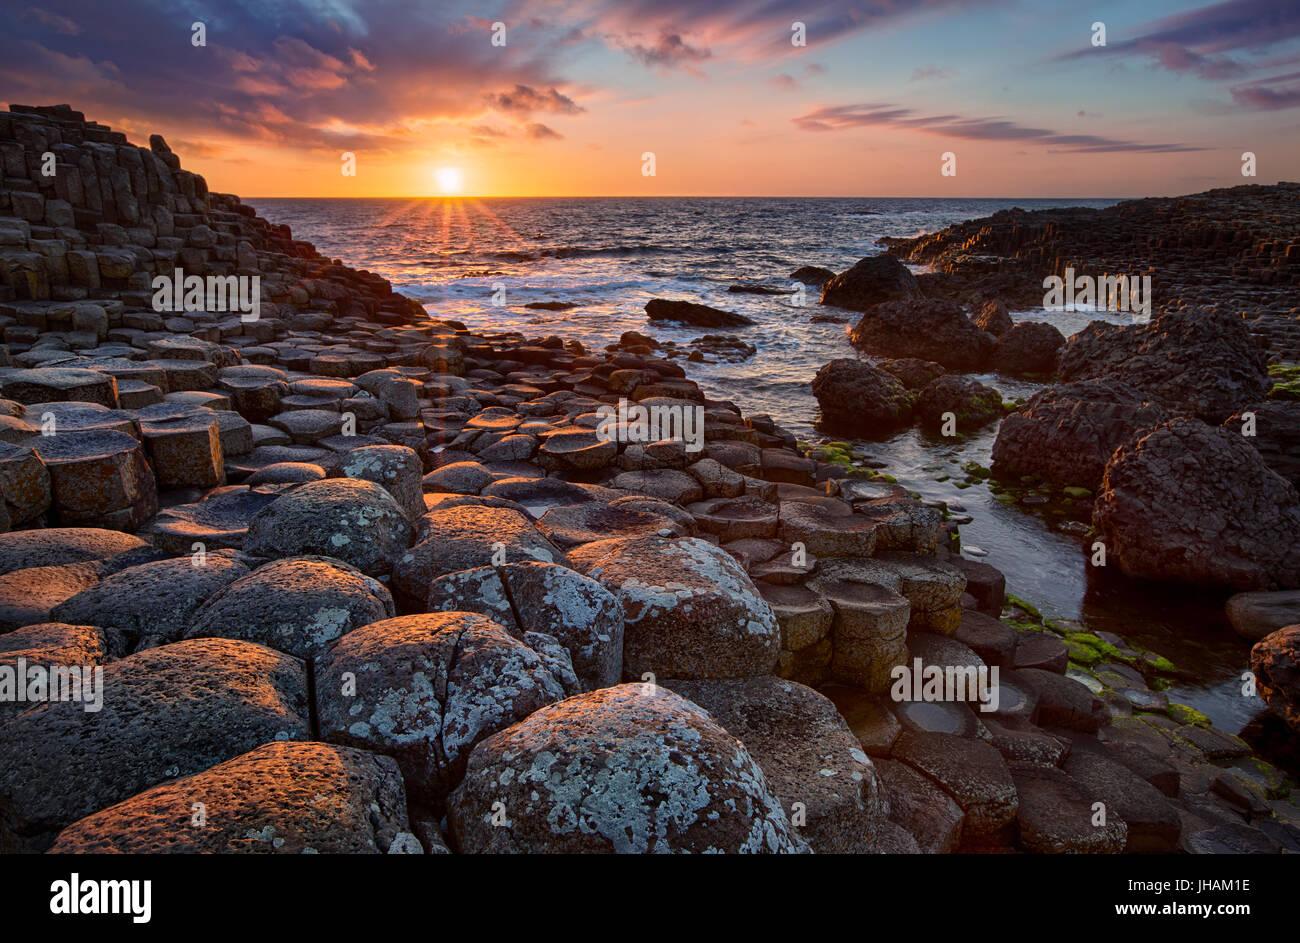 Sonnenuntergang über Basalt Säulen Giant es Causeway, County Antrim, Nordirland Stockbild